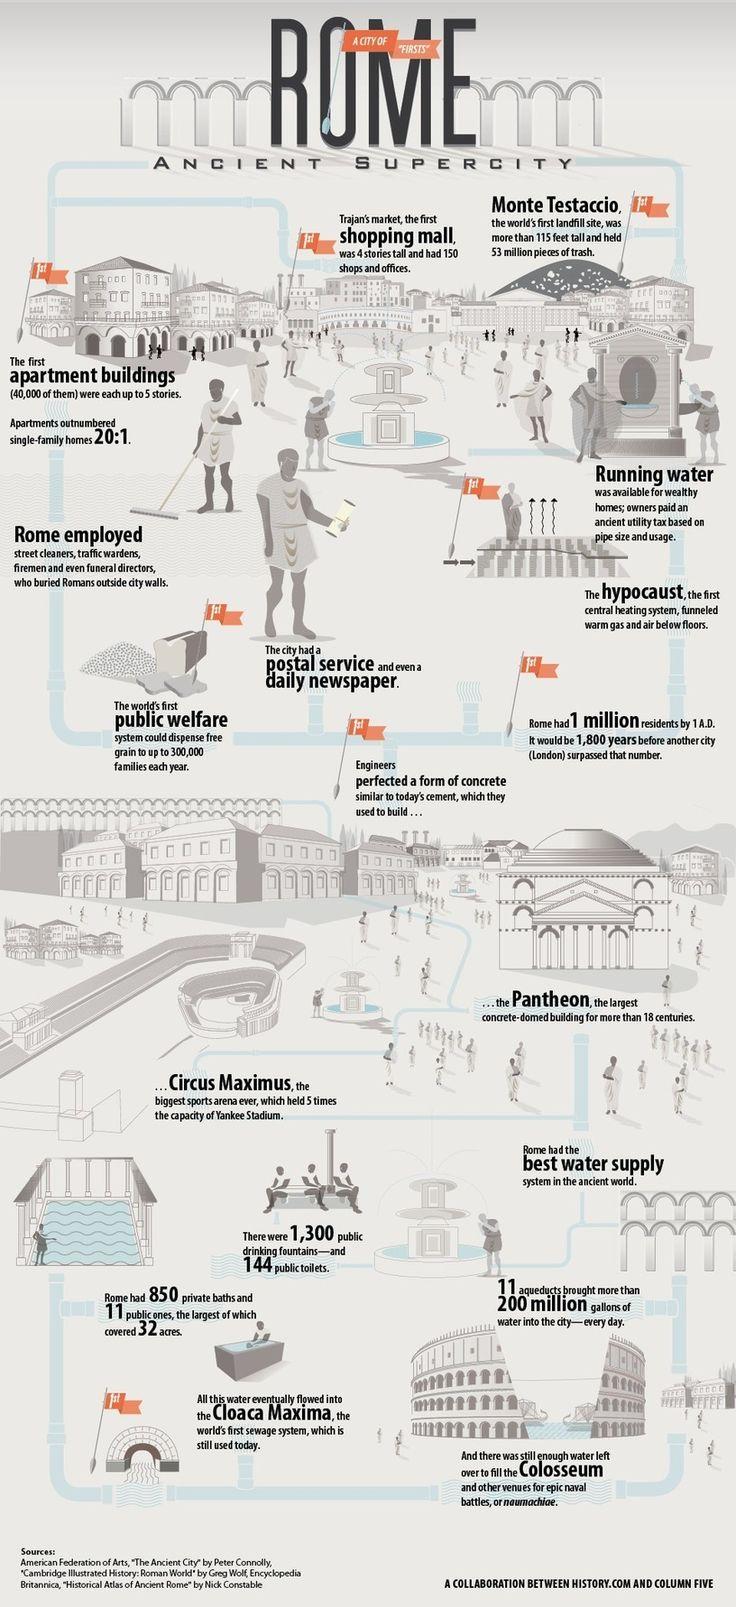 Superstad Rome | Infographic | Ciao tutti - ontdekkingsblog door Italië